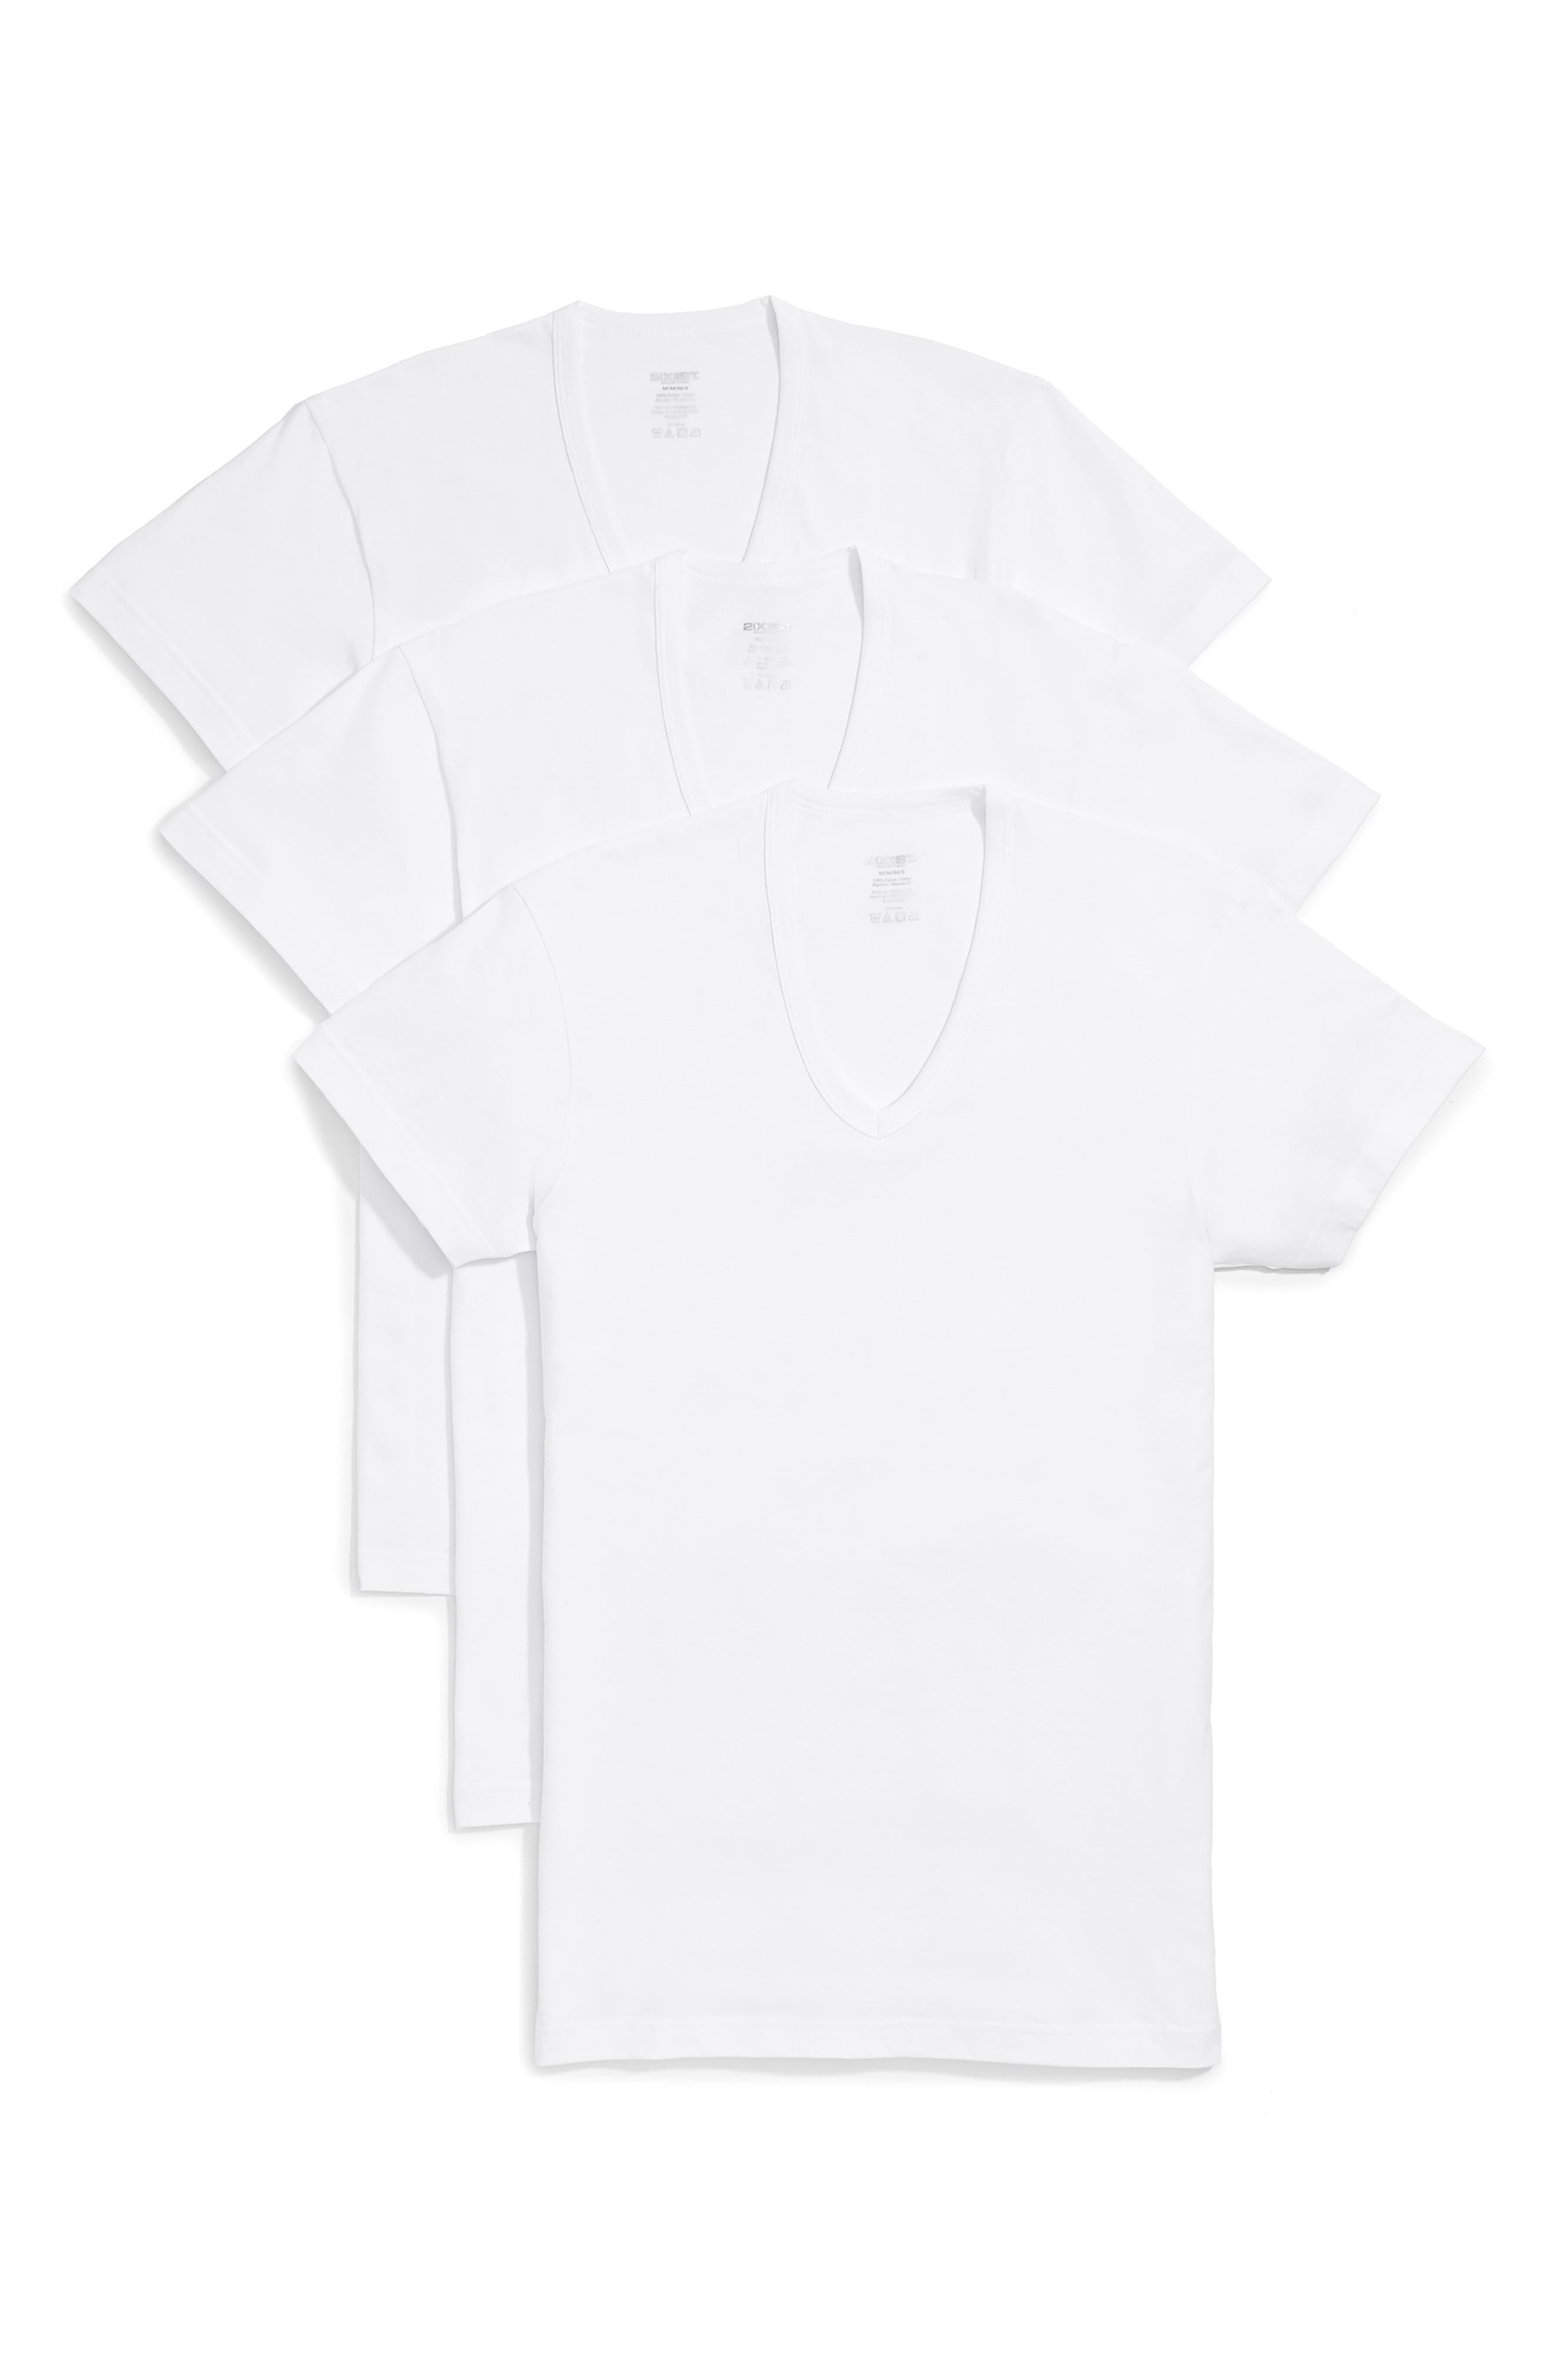 Slim Fit 3-Pack Cotton T-Shirt,                         Main,                         color, 101